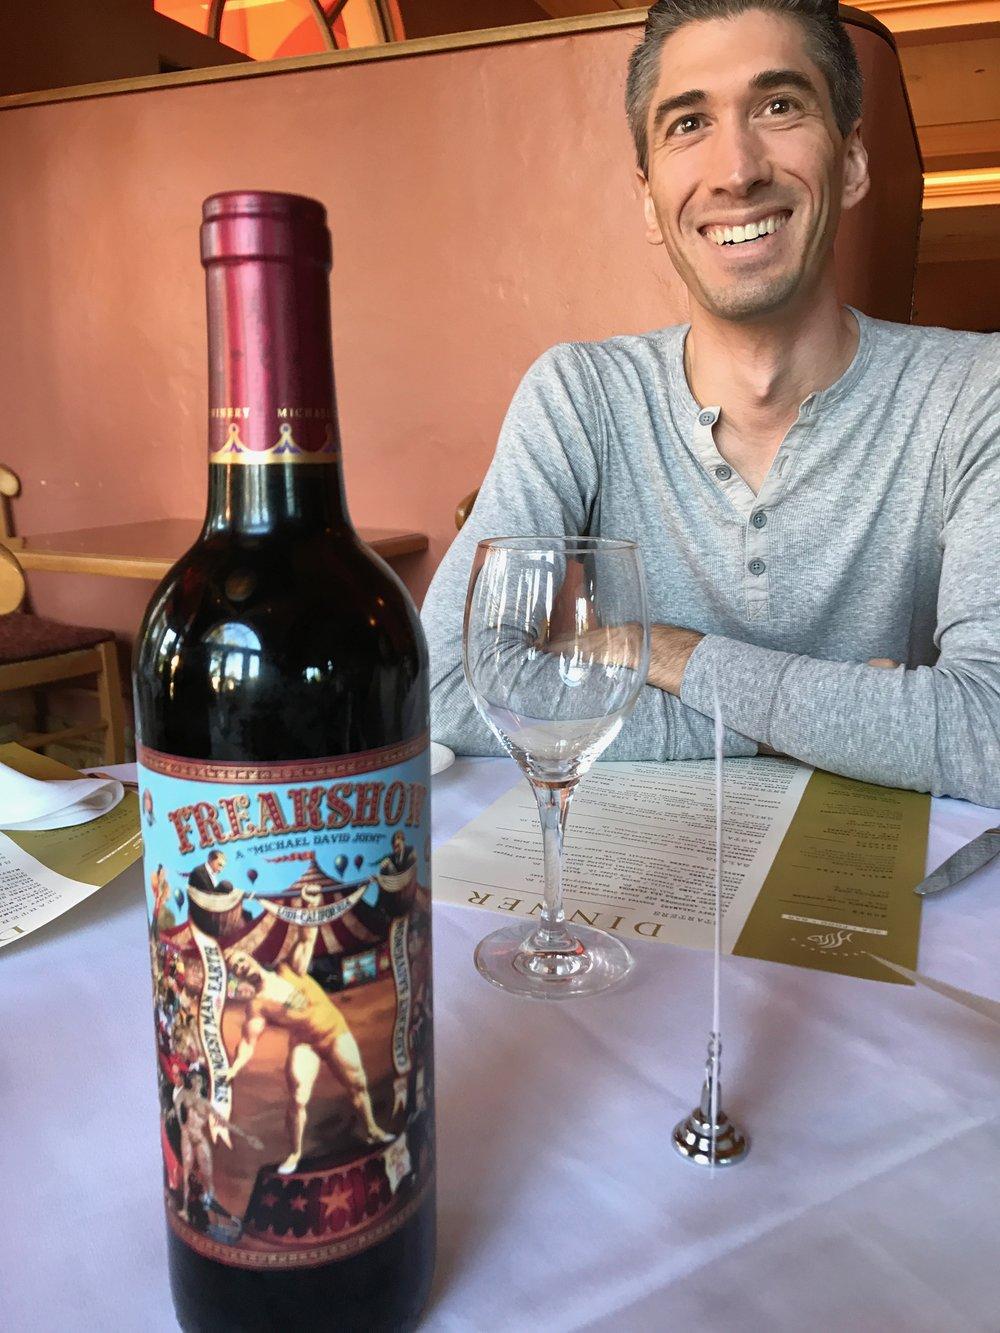 Jason & Freakshow WineIMG_0011.jpg